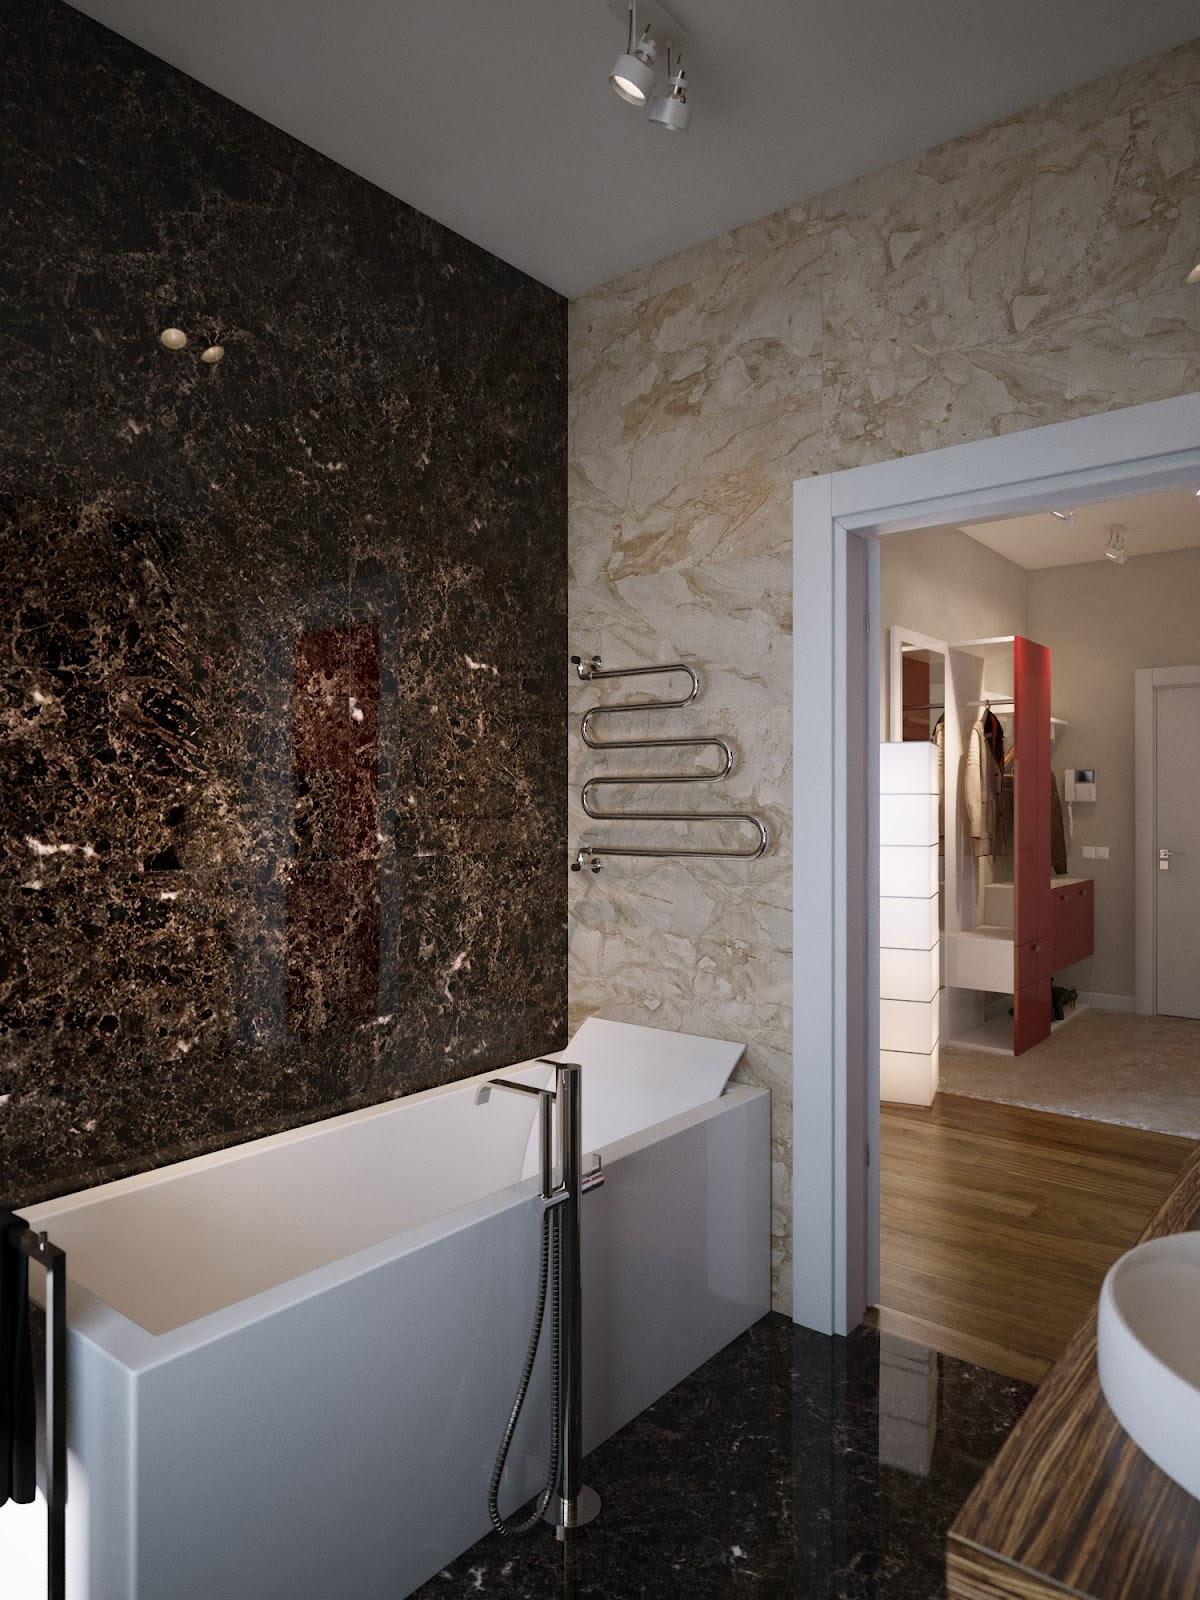 Brown cream marble bathroom wallsInterior Design Ideas.